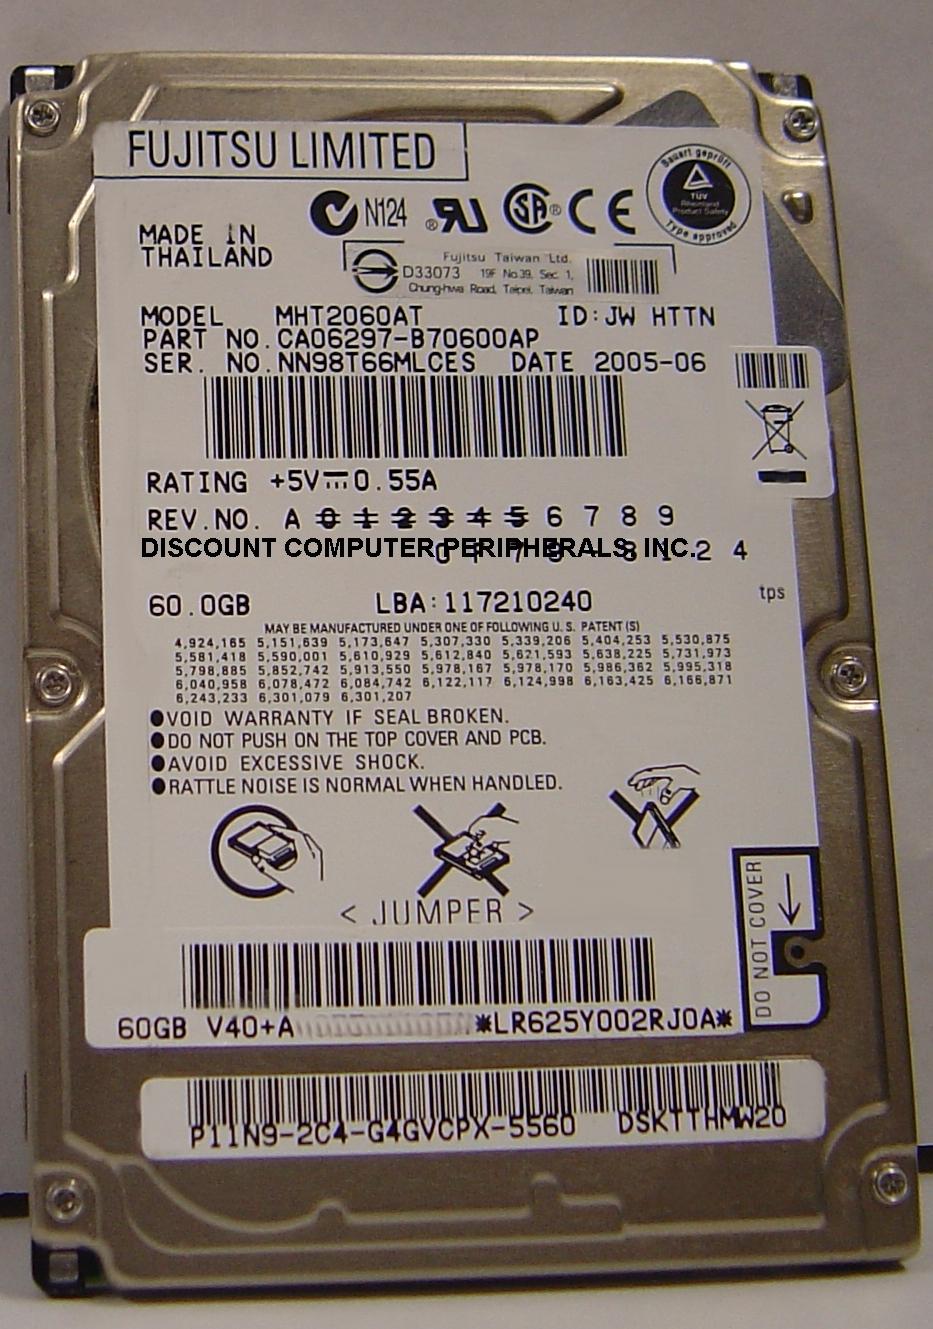 Fujitsu MHT2060AT_NEW